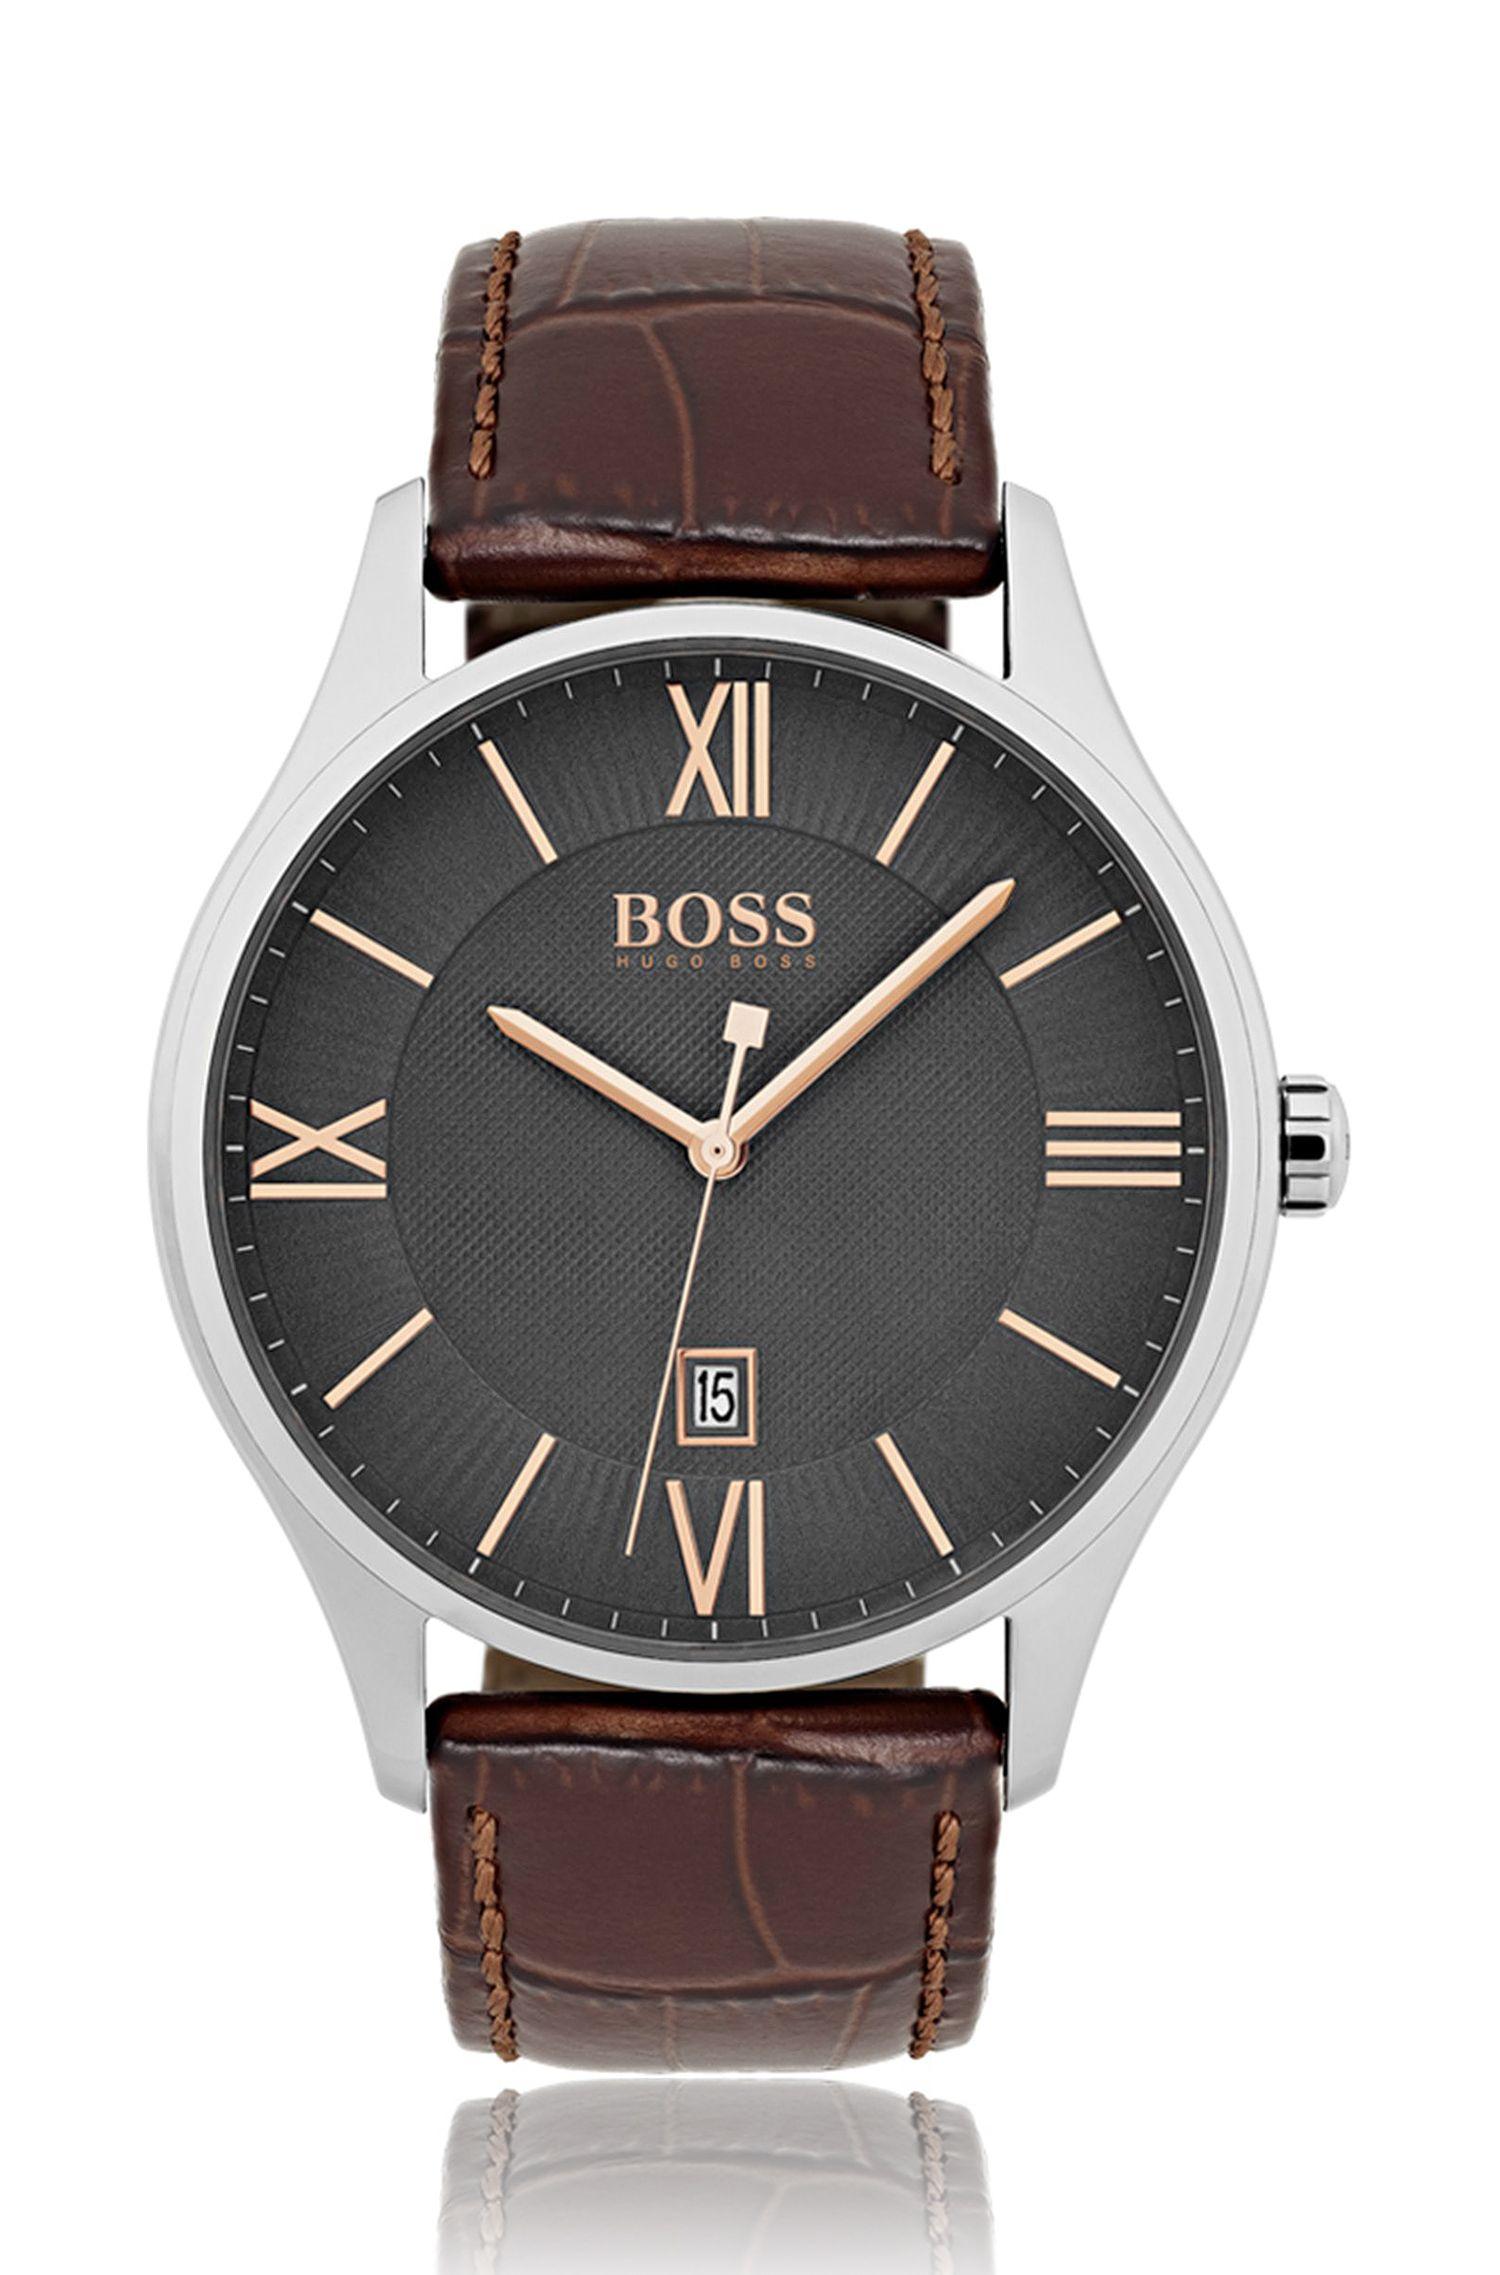 Uhr aus poliertem Edelstahl mit zweistufigem Zifferblatt und geprägtem Lederarmband